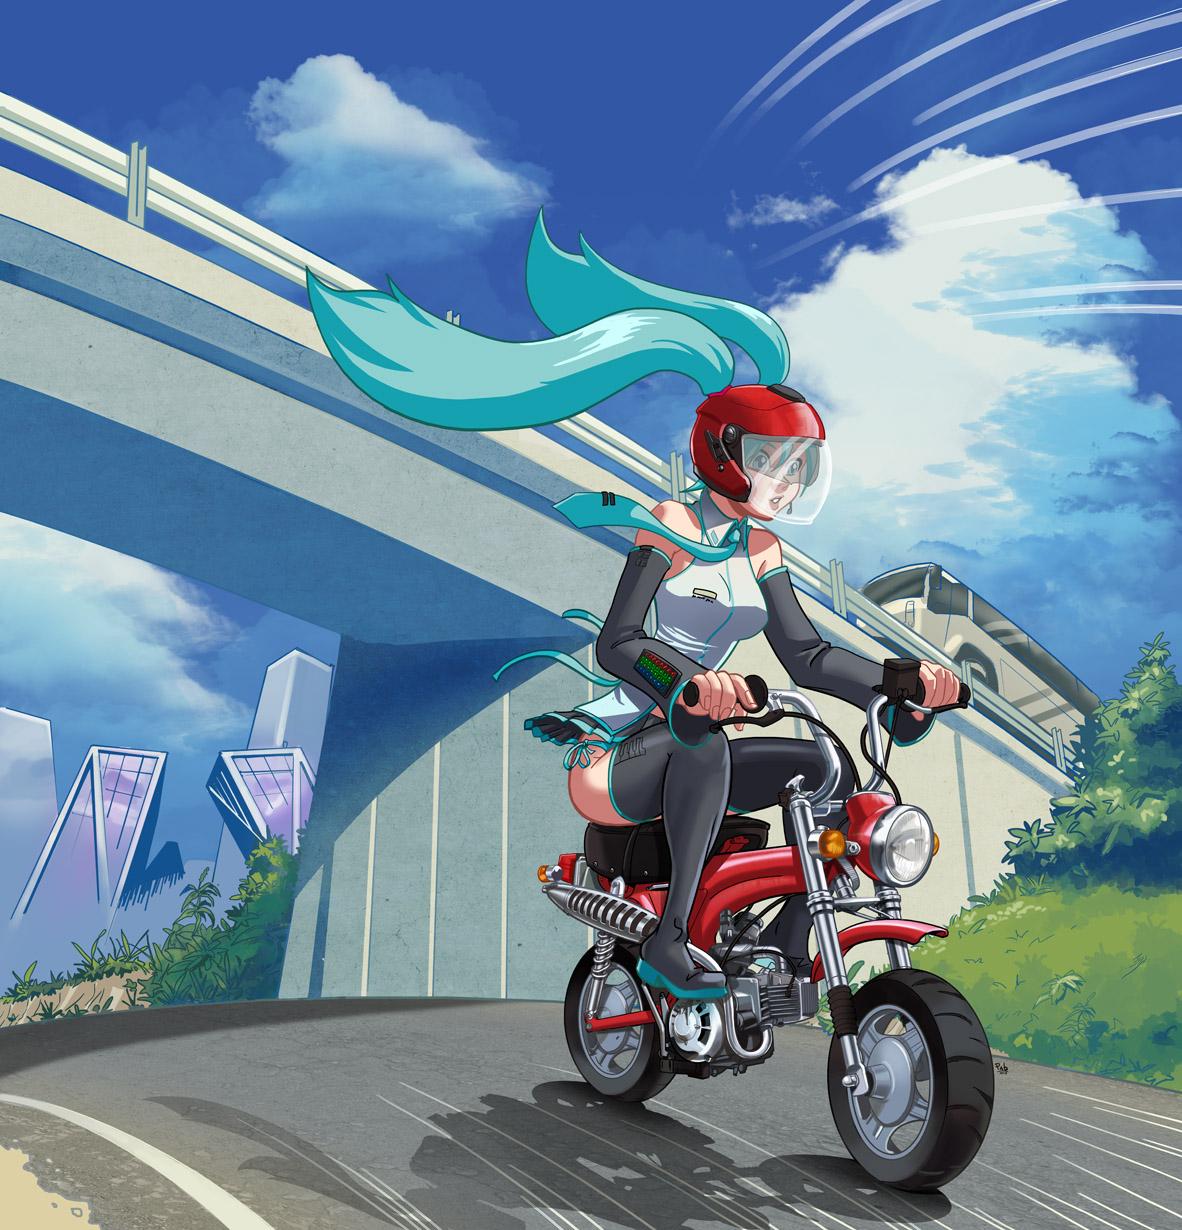 Miku riding